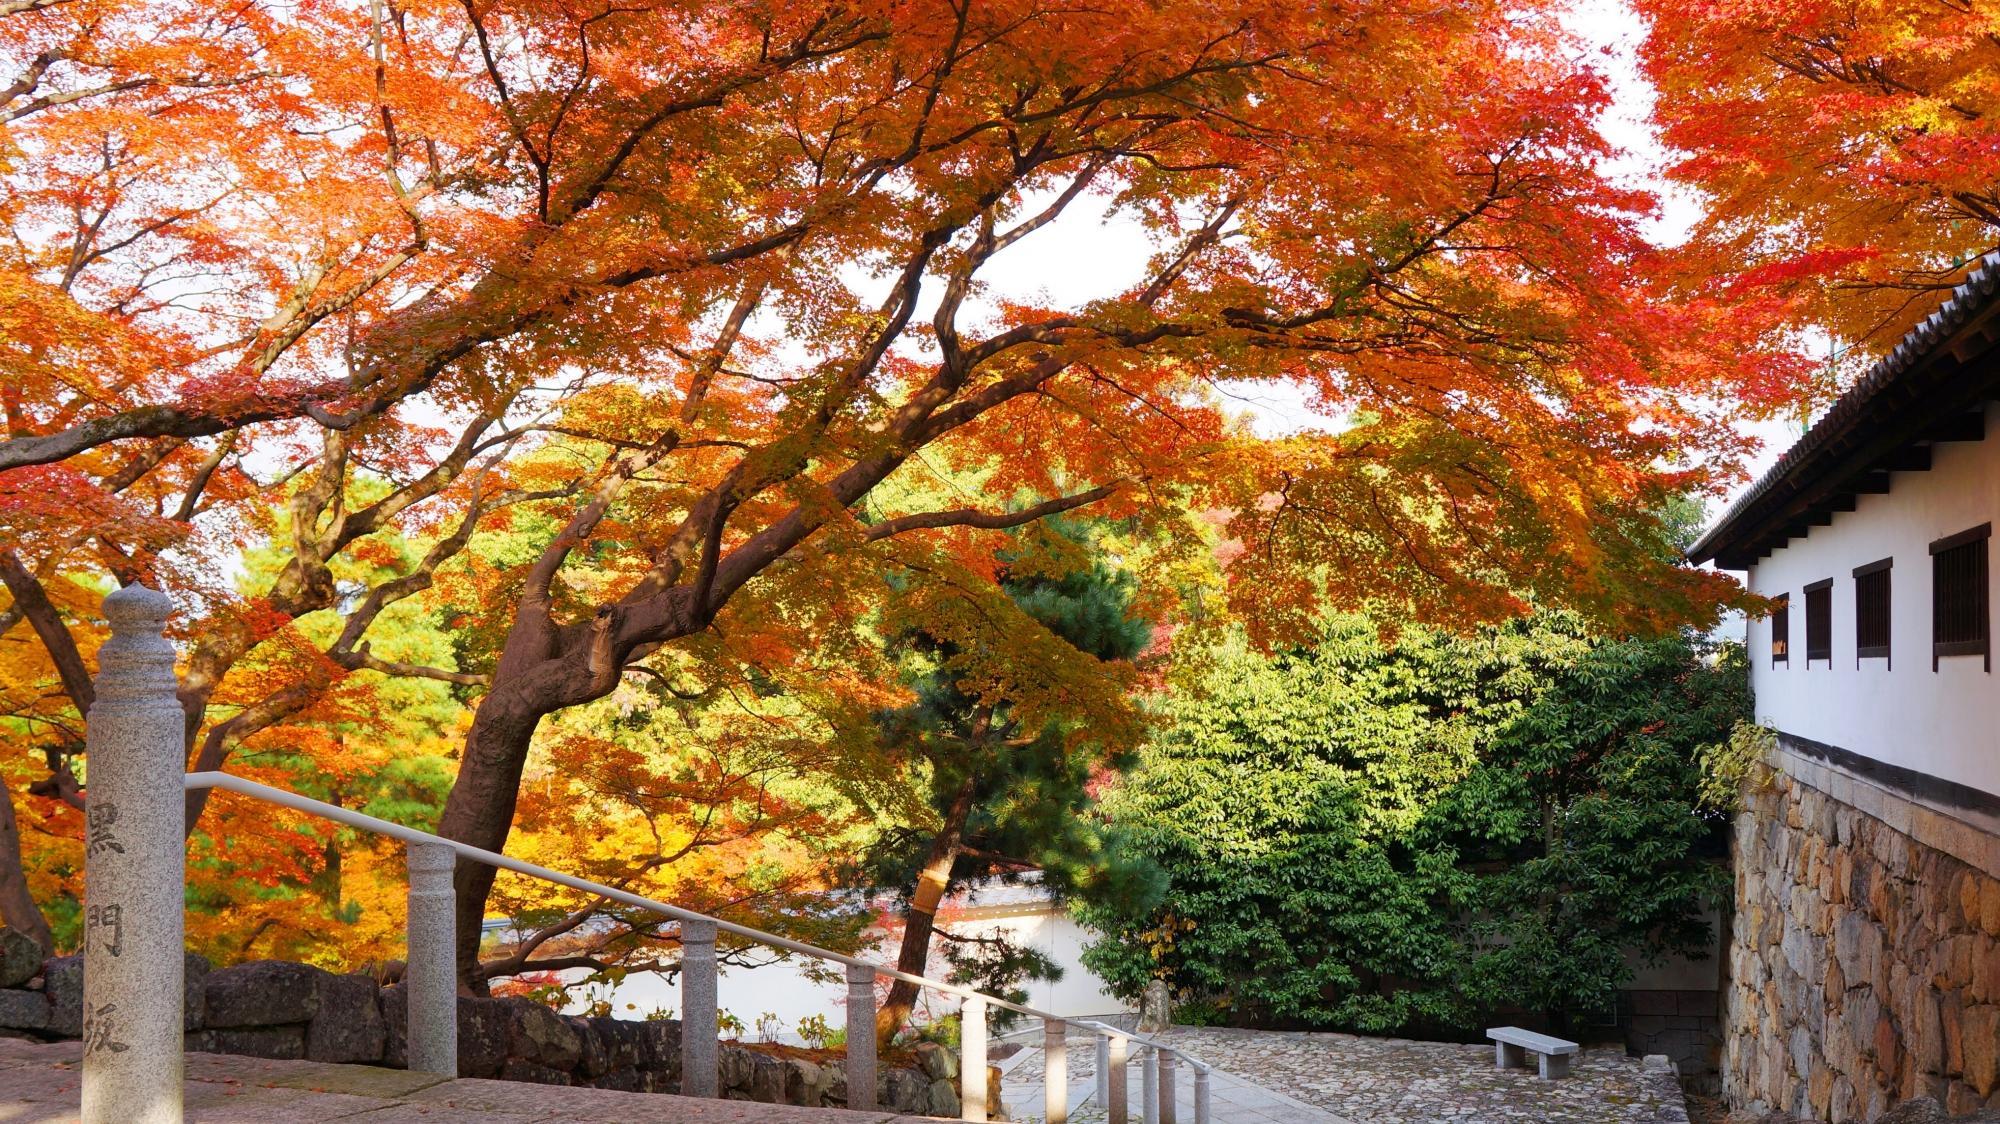 知恩院の黒門坂をつつむ優雅な淡い紅葉